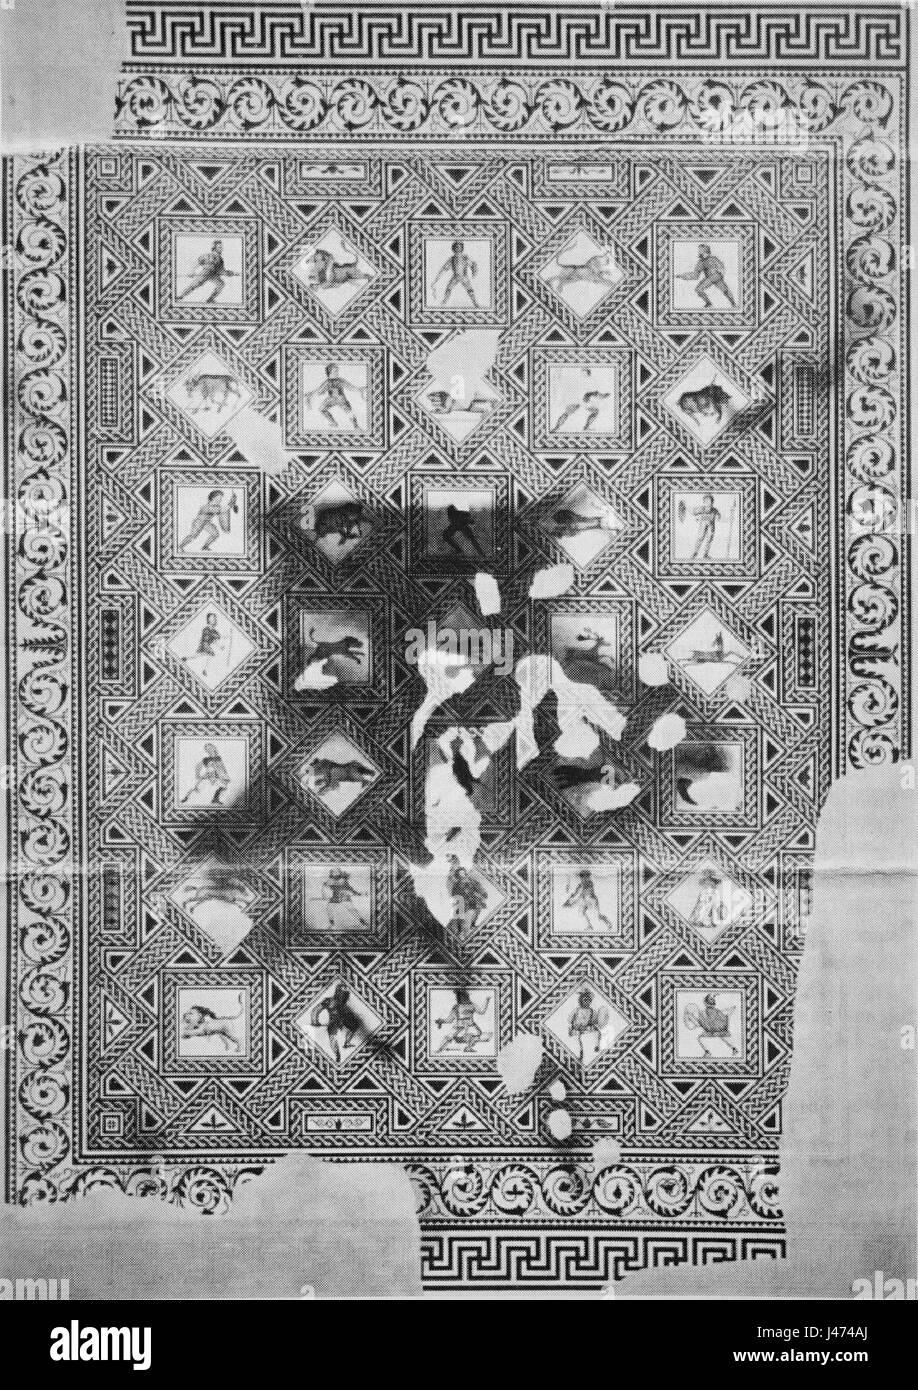 Mosaique des hautes promenades 06540 - Stock Image